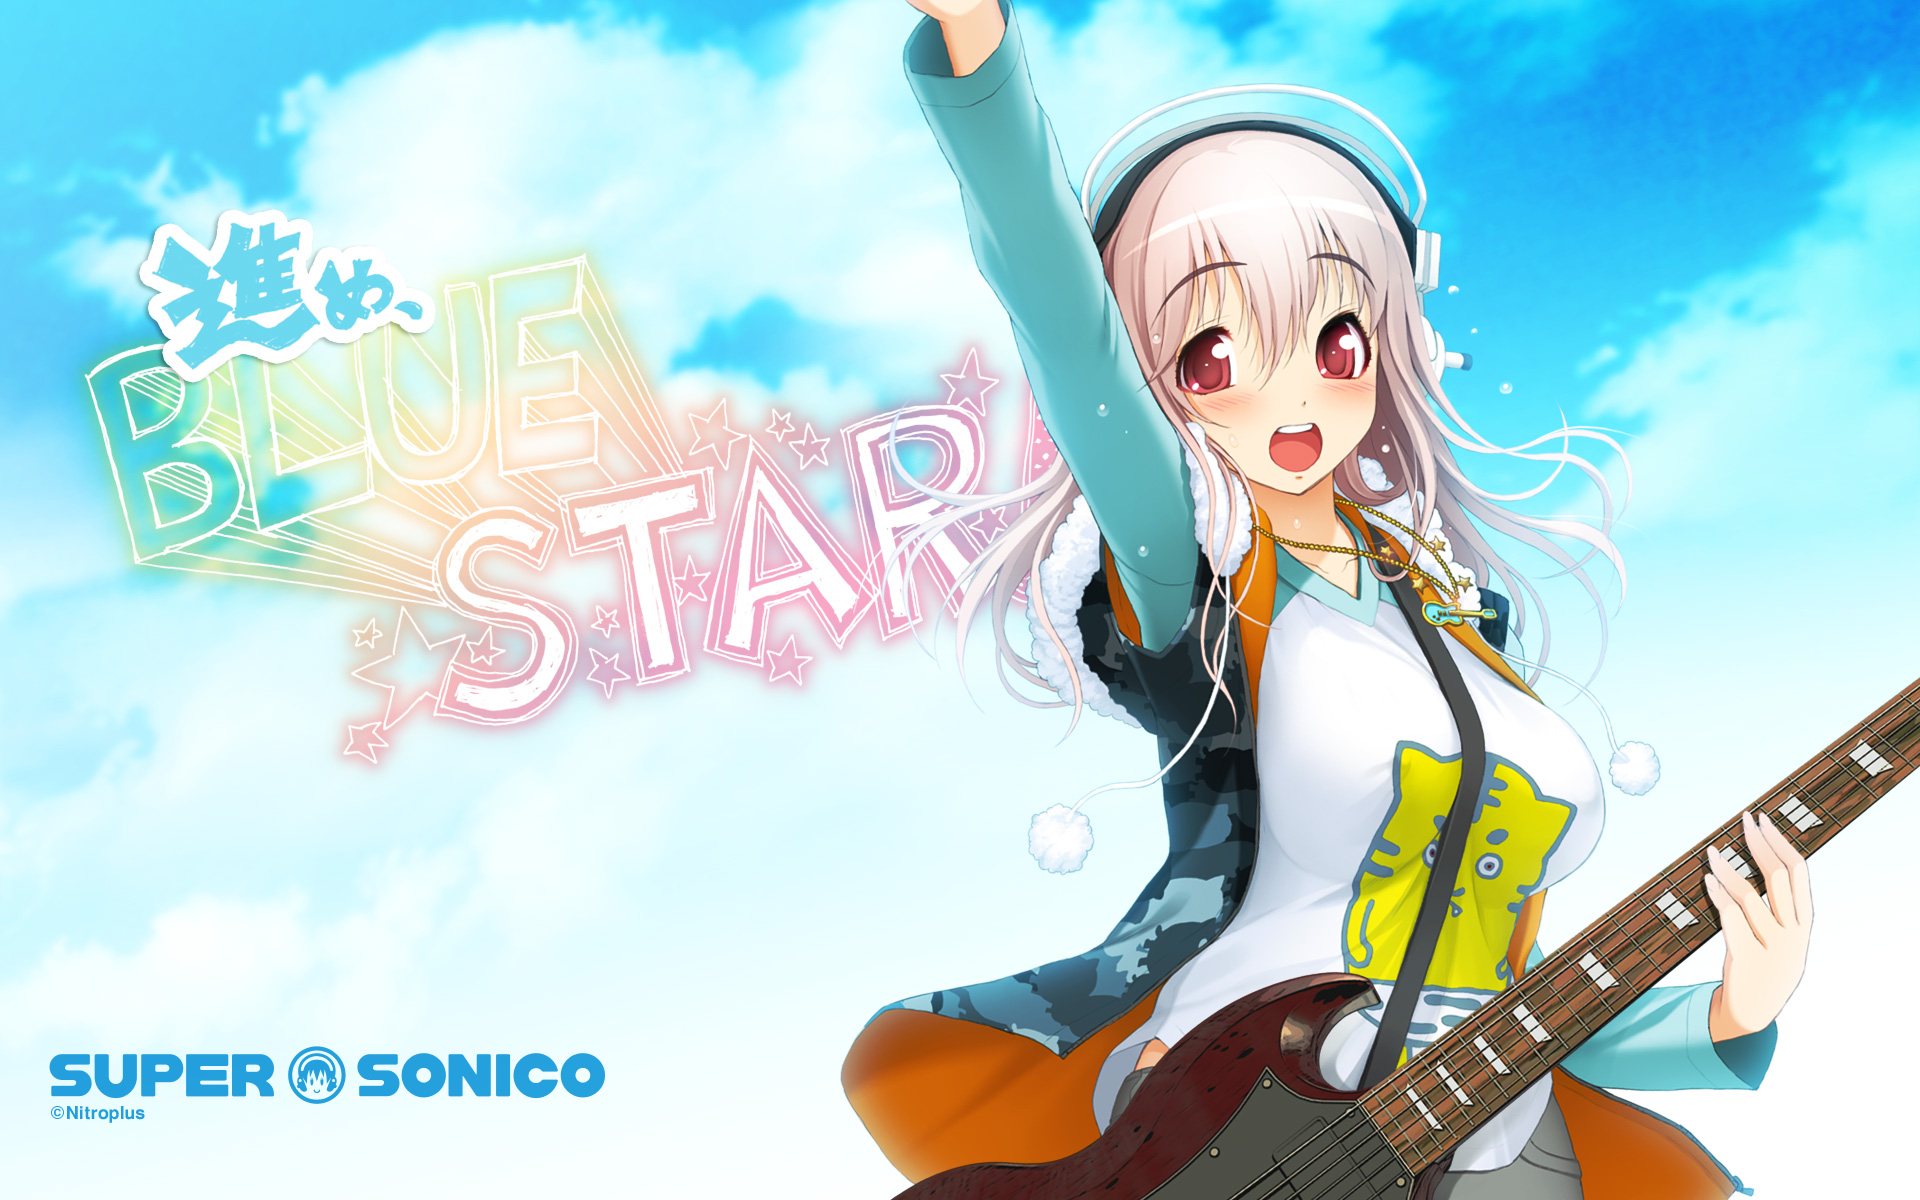 Super Sonico HD Wallpaper